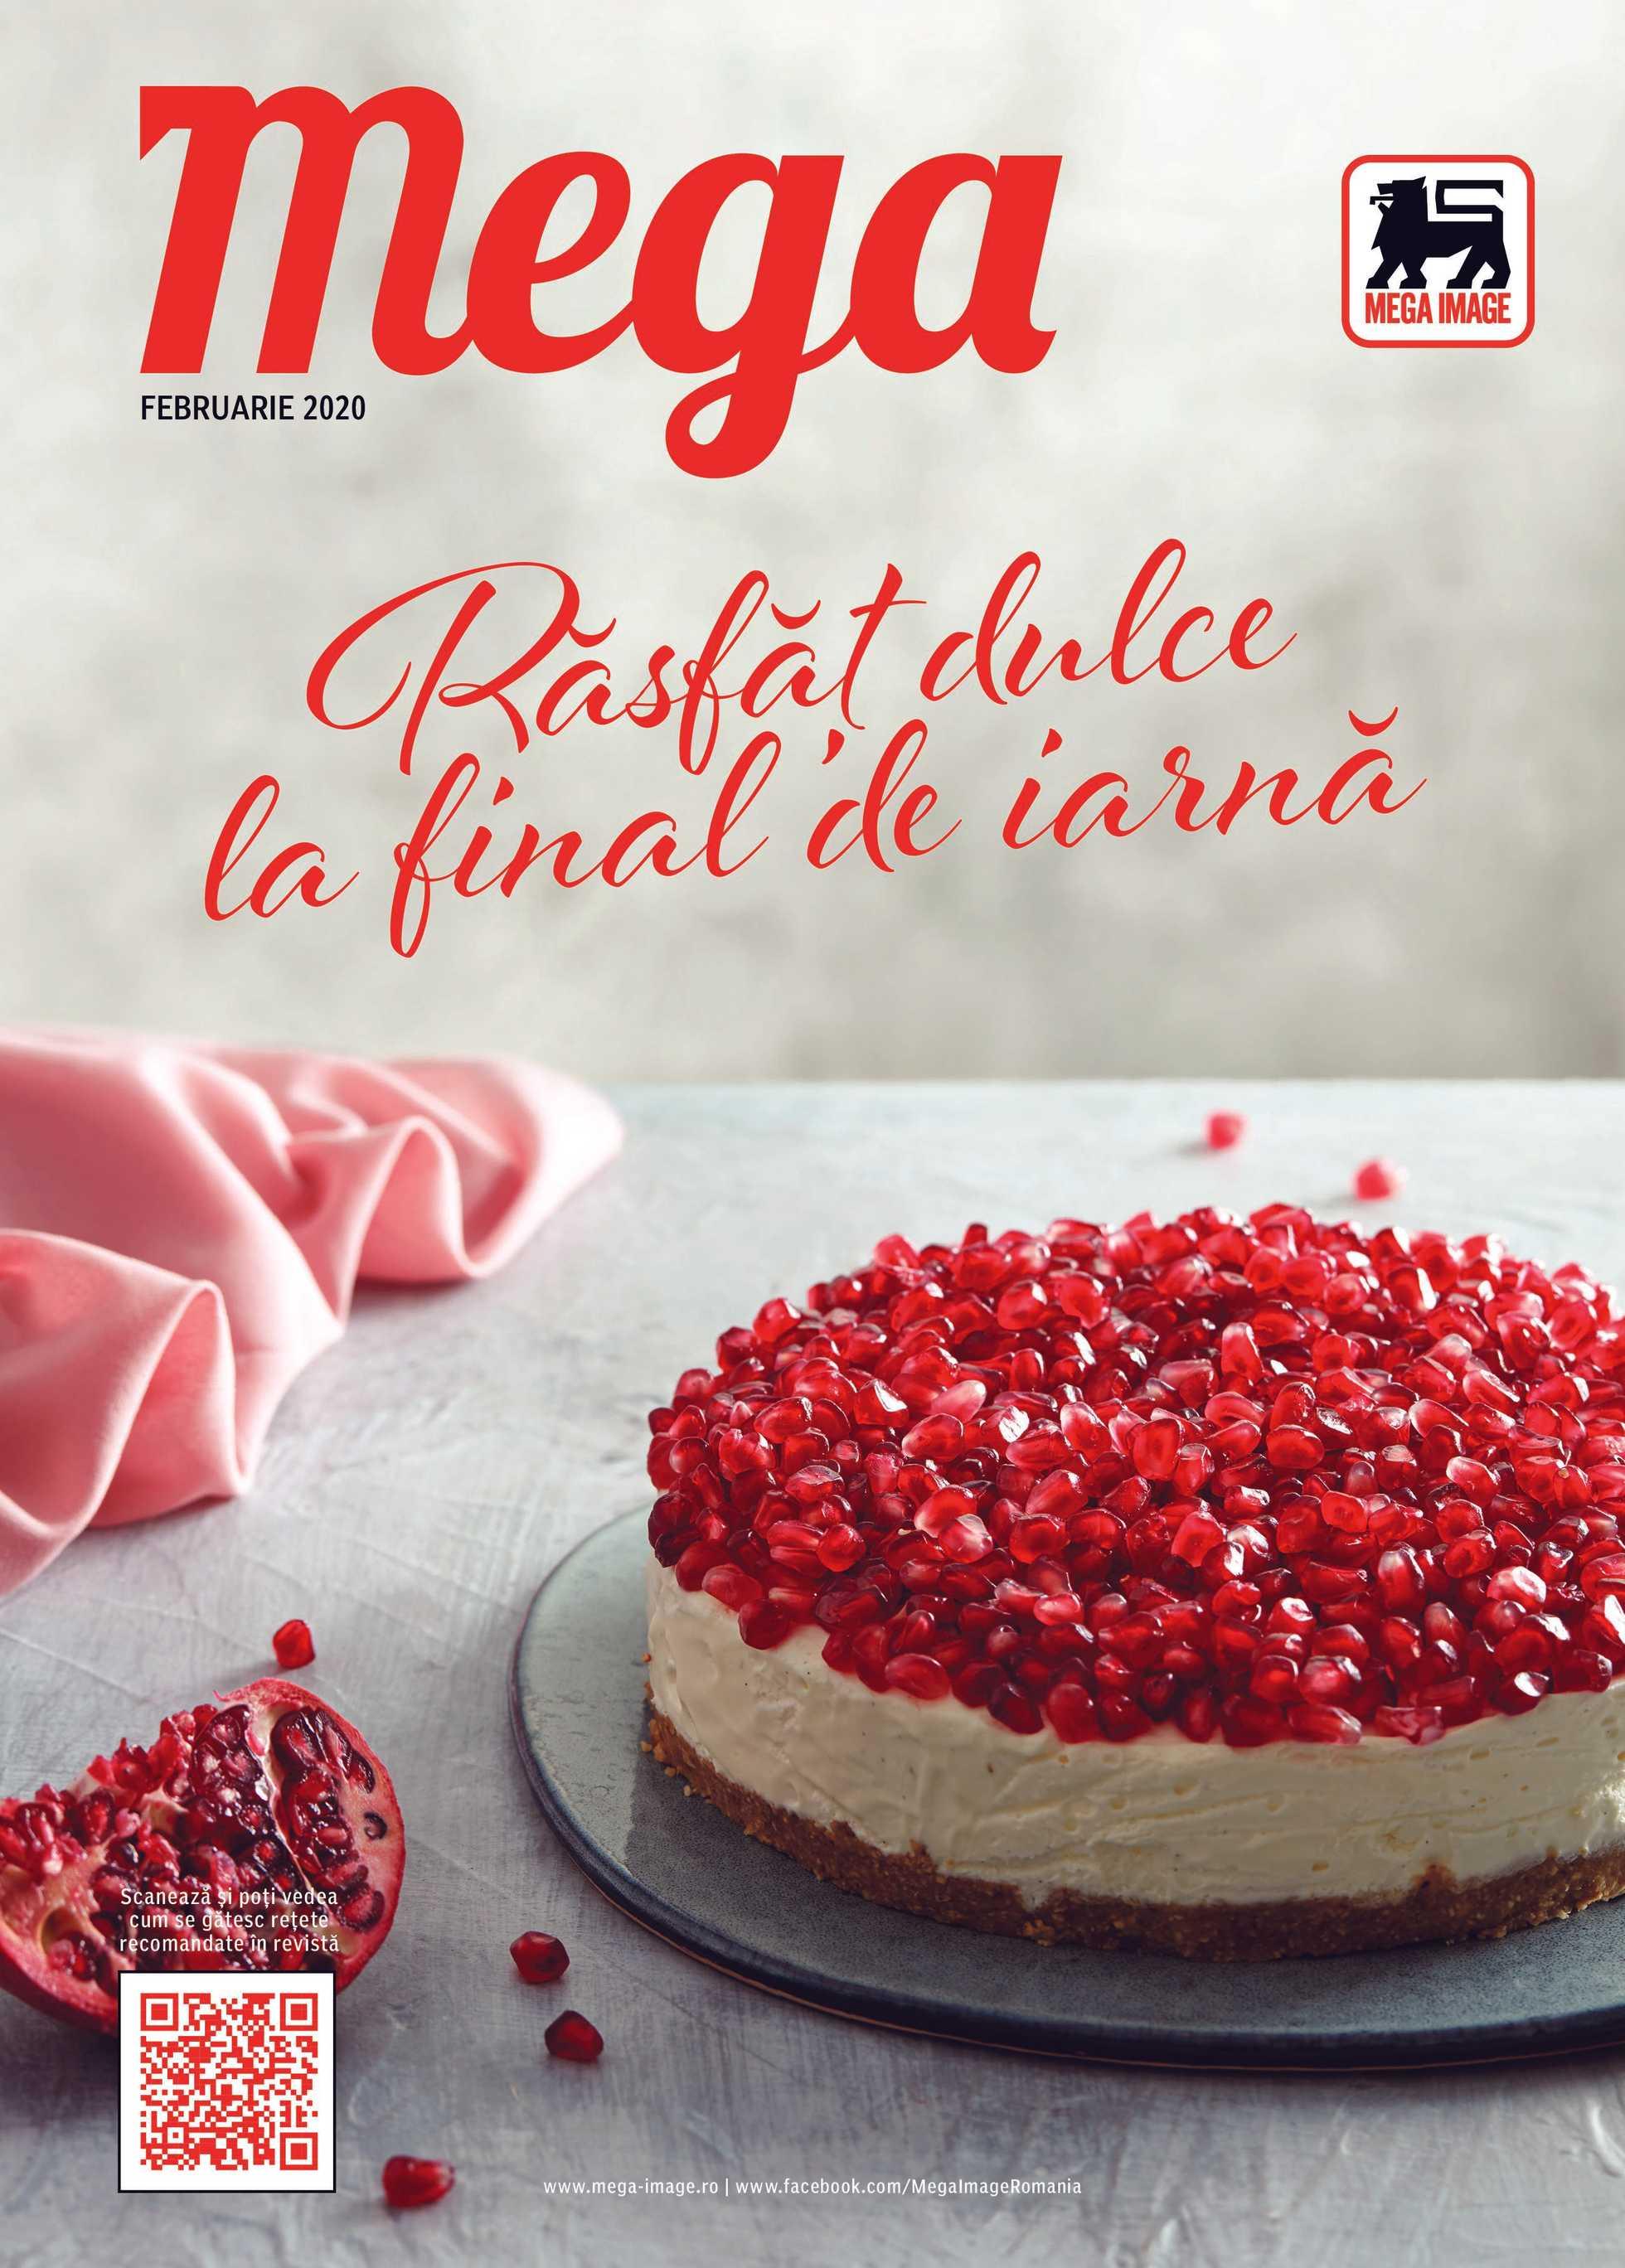 Mega Image - promo începând de la 30.01.2020 până la 25.02.2020 - pagină 1.